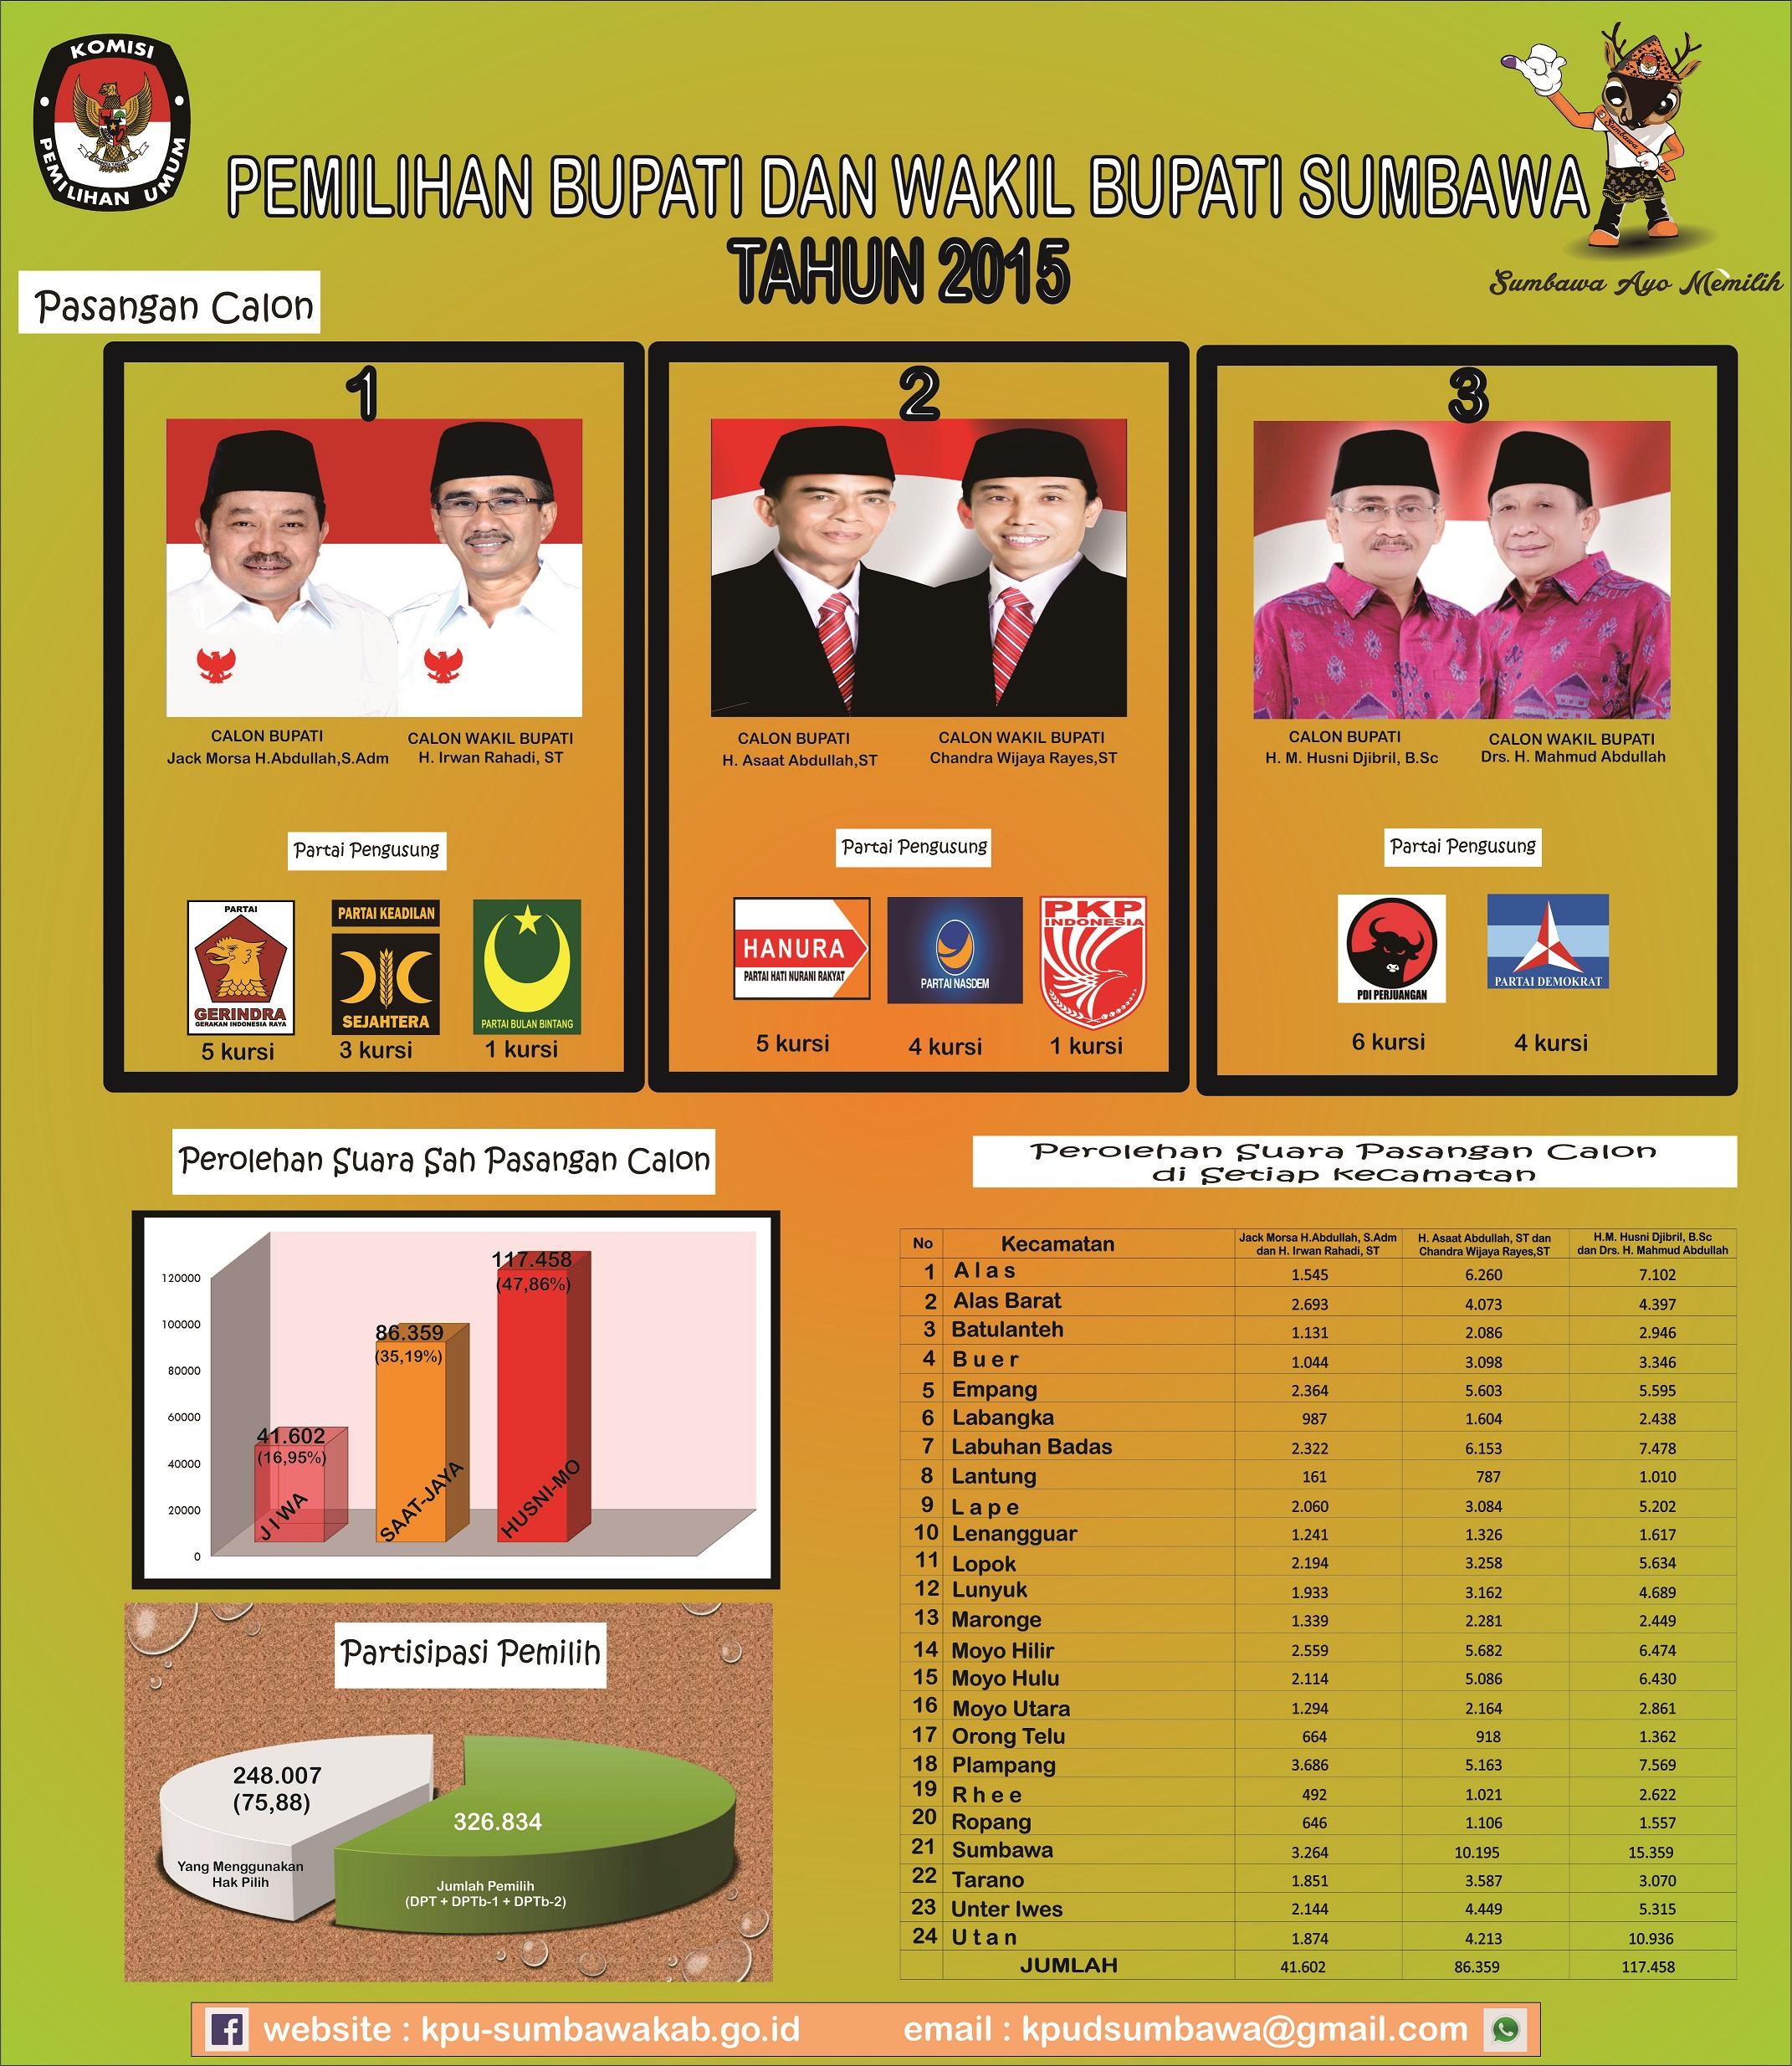 Pemilihan Bupati dan Wakil Bupati Sumbawa Tahun 2015